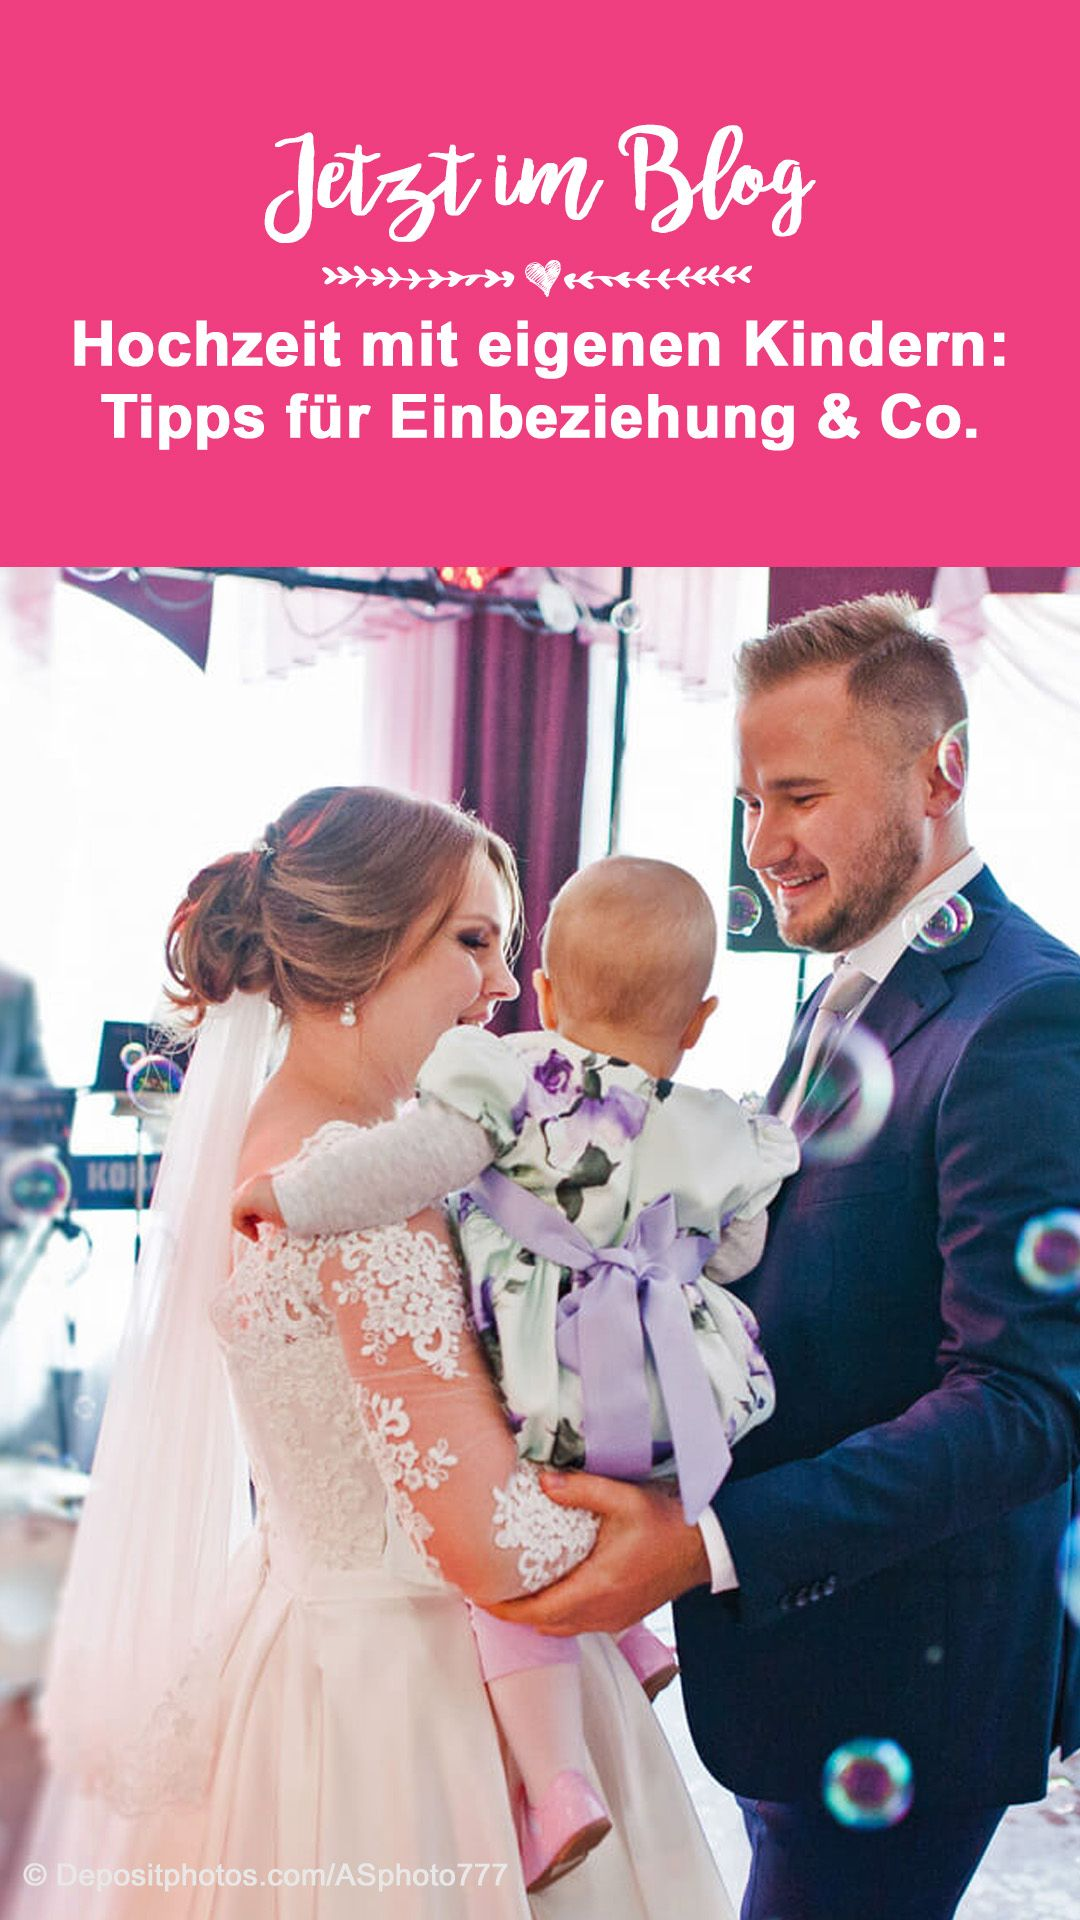 Hochzeit Mit Kindern Schone Aufgaben Unterhaltung Geschenke Hochzeit Blumenmadchen Kleid Hochzeit Feiern